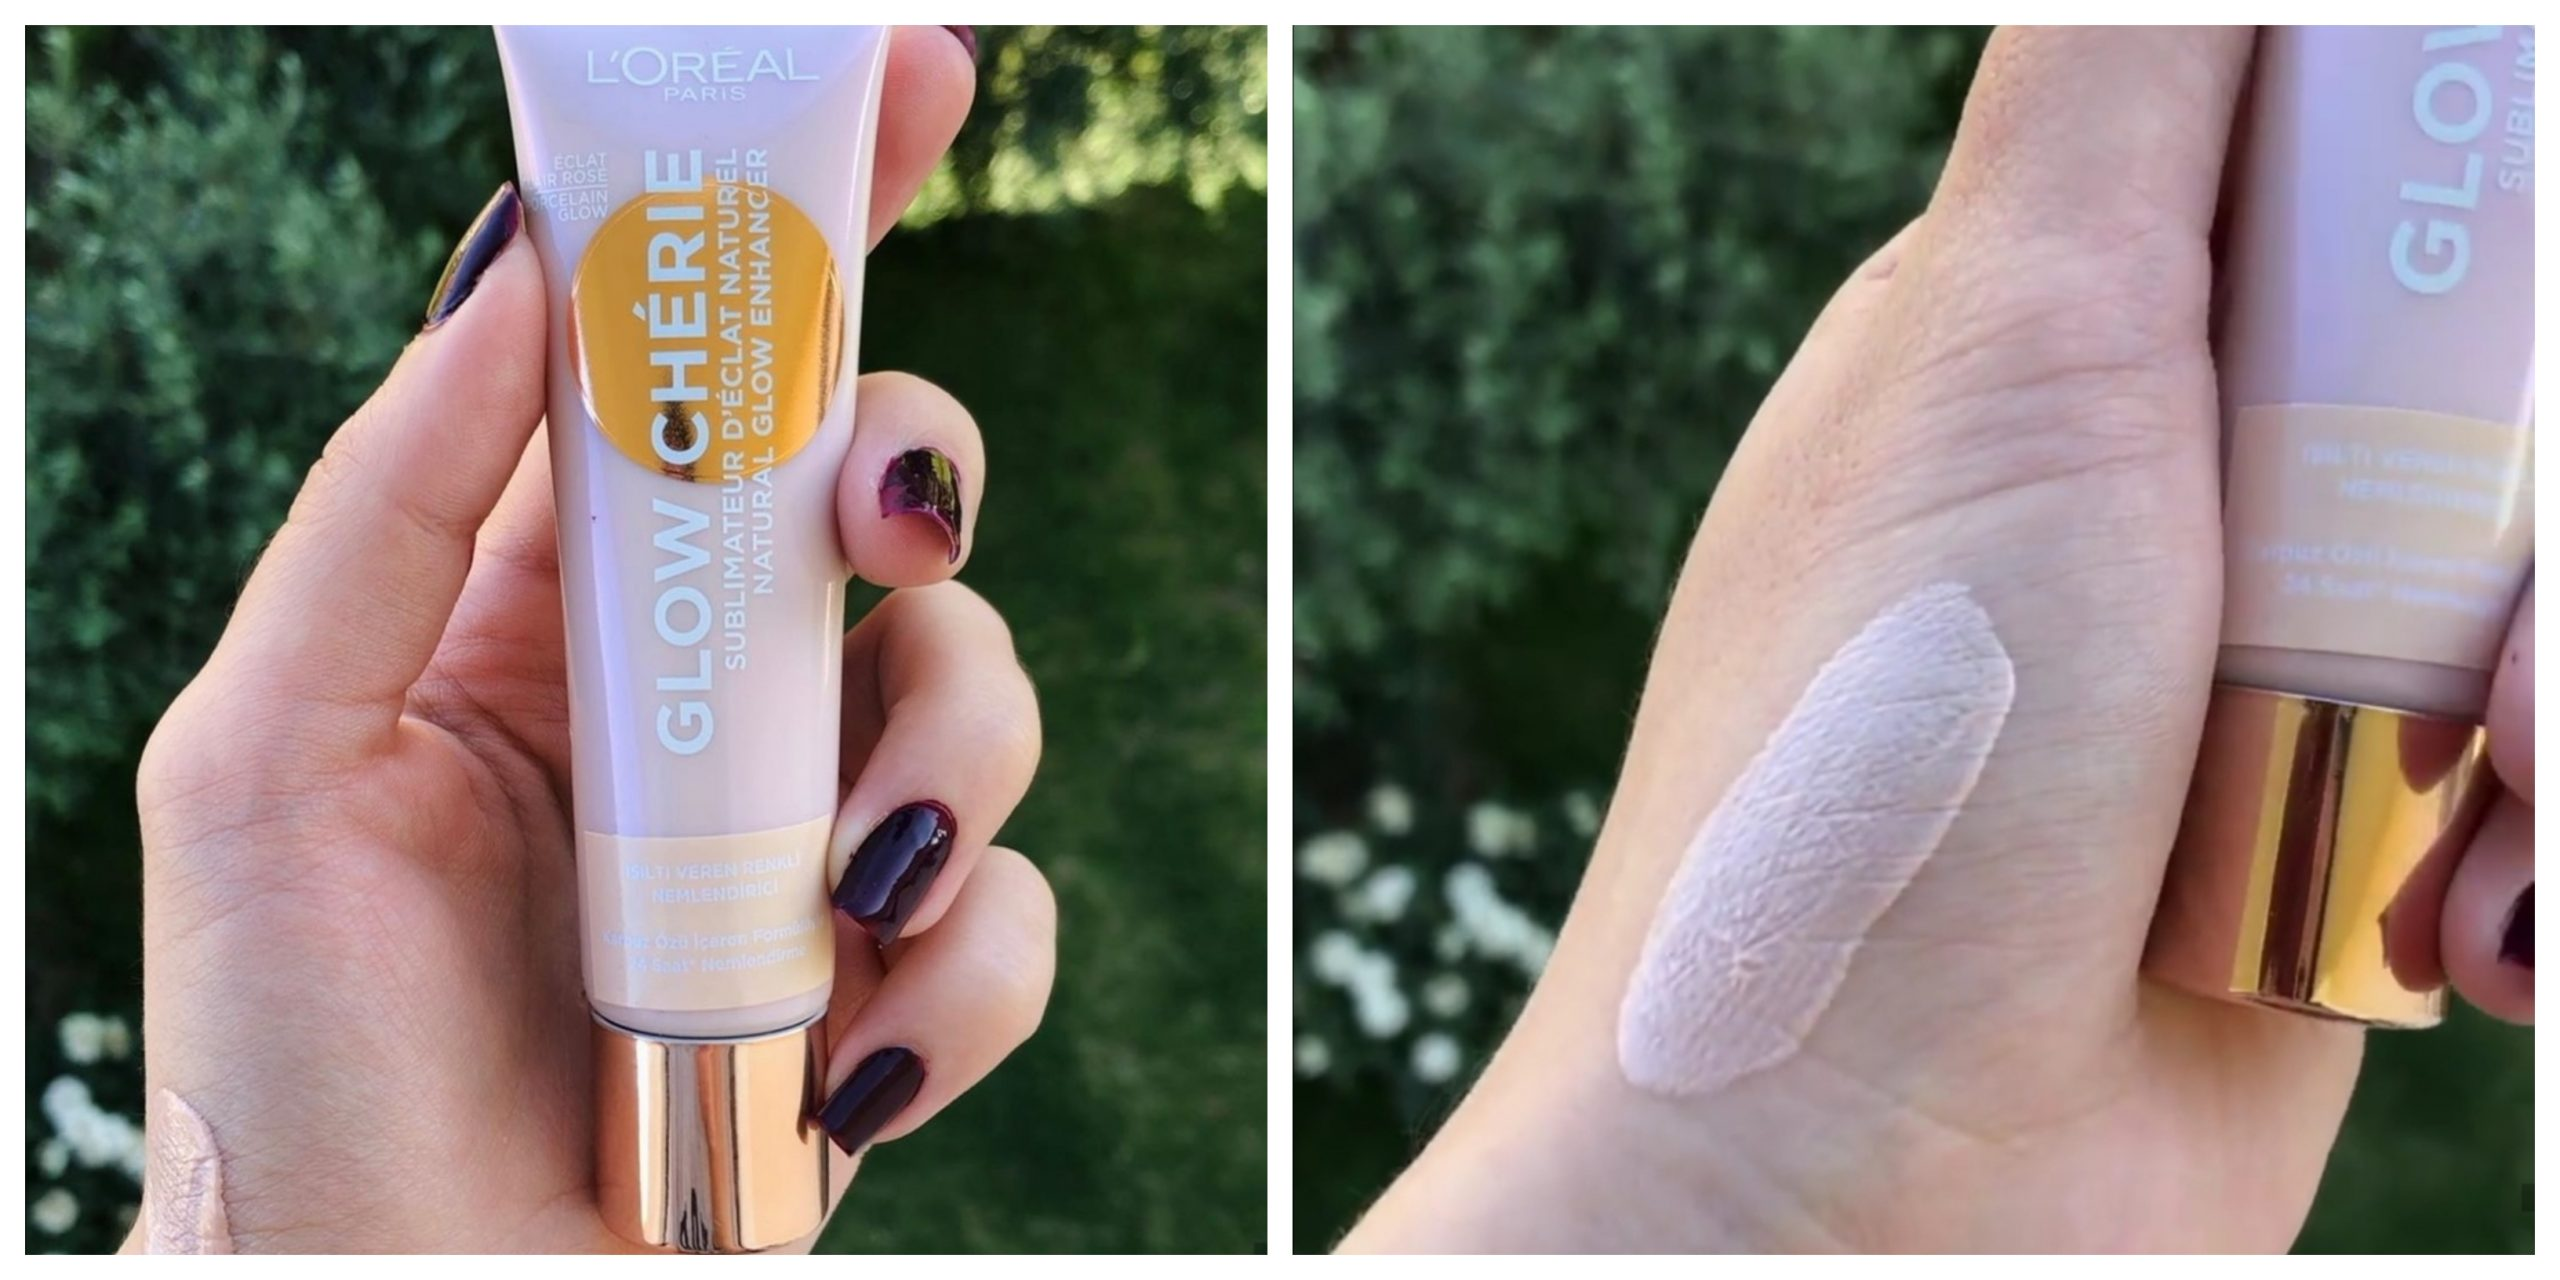 L'Oréal Glow Chérie Natural Glow Enhancer